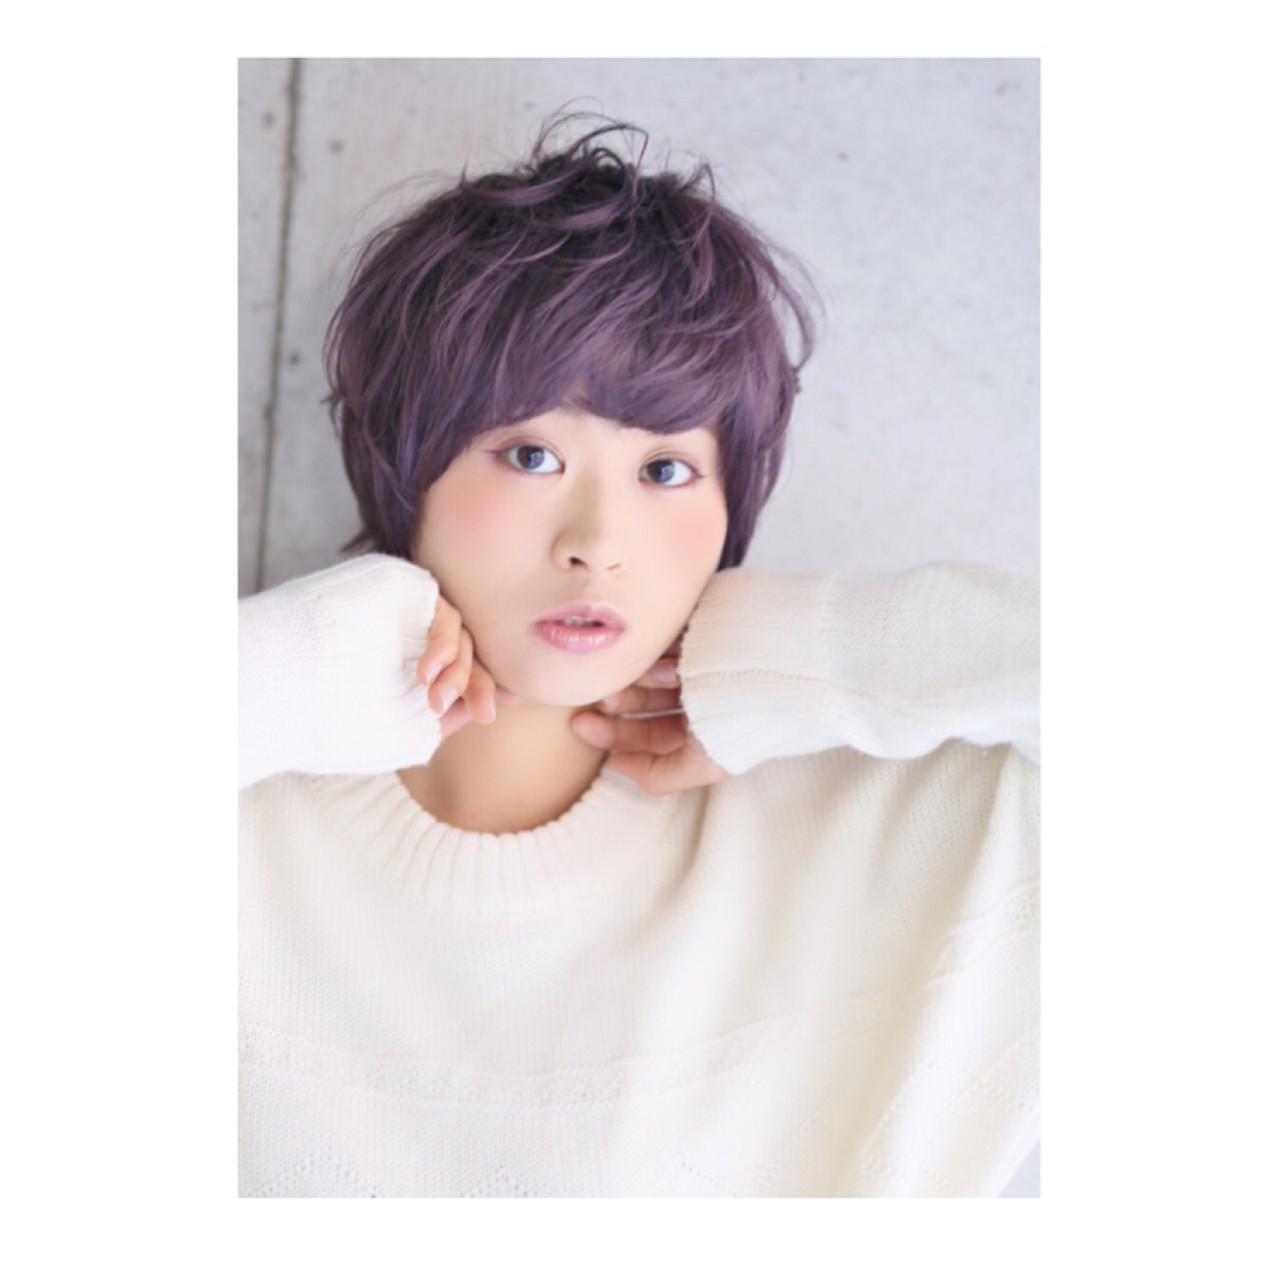 ラベンダーアッシュなあなたの髪色を旬に♪うっとり色落ちを楽しもう 早坂ケースケ / GOSSIP HAIR